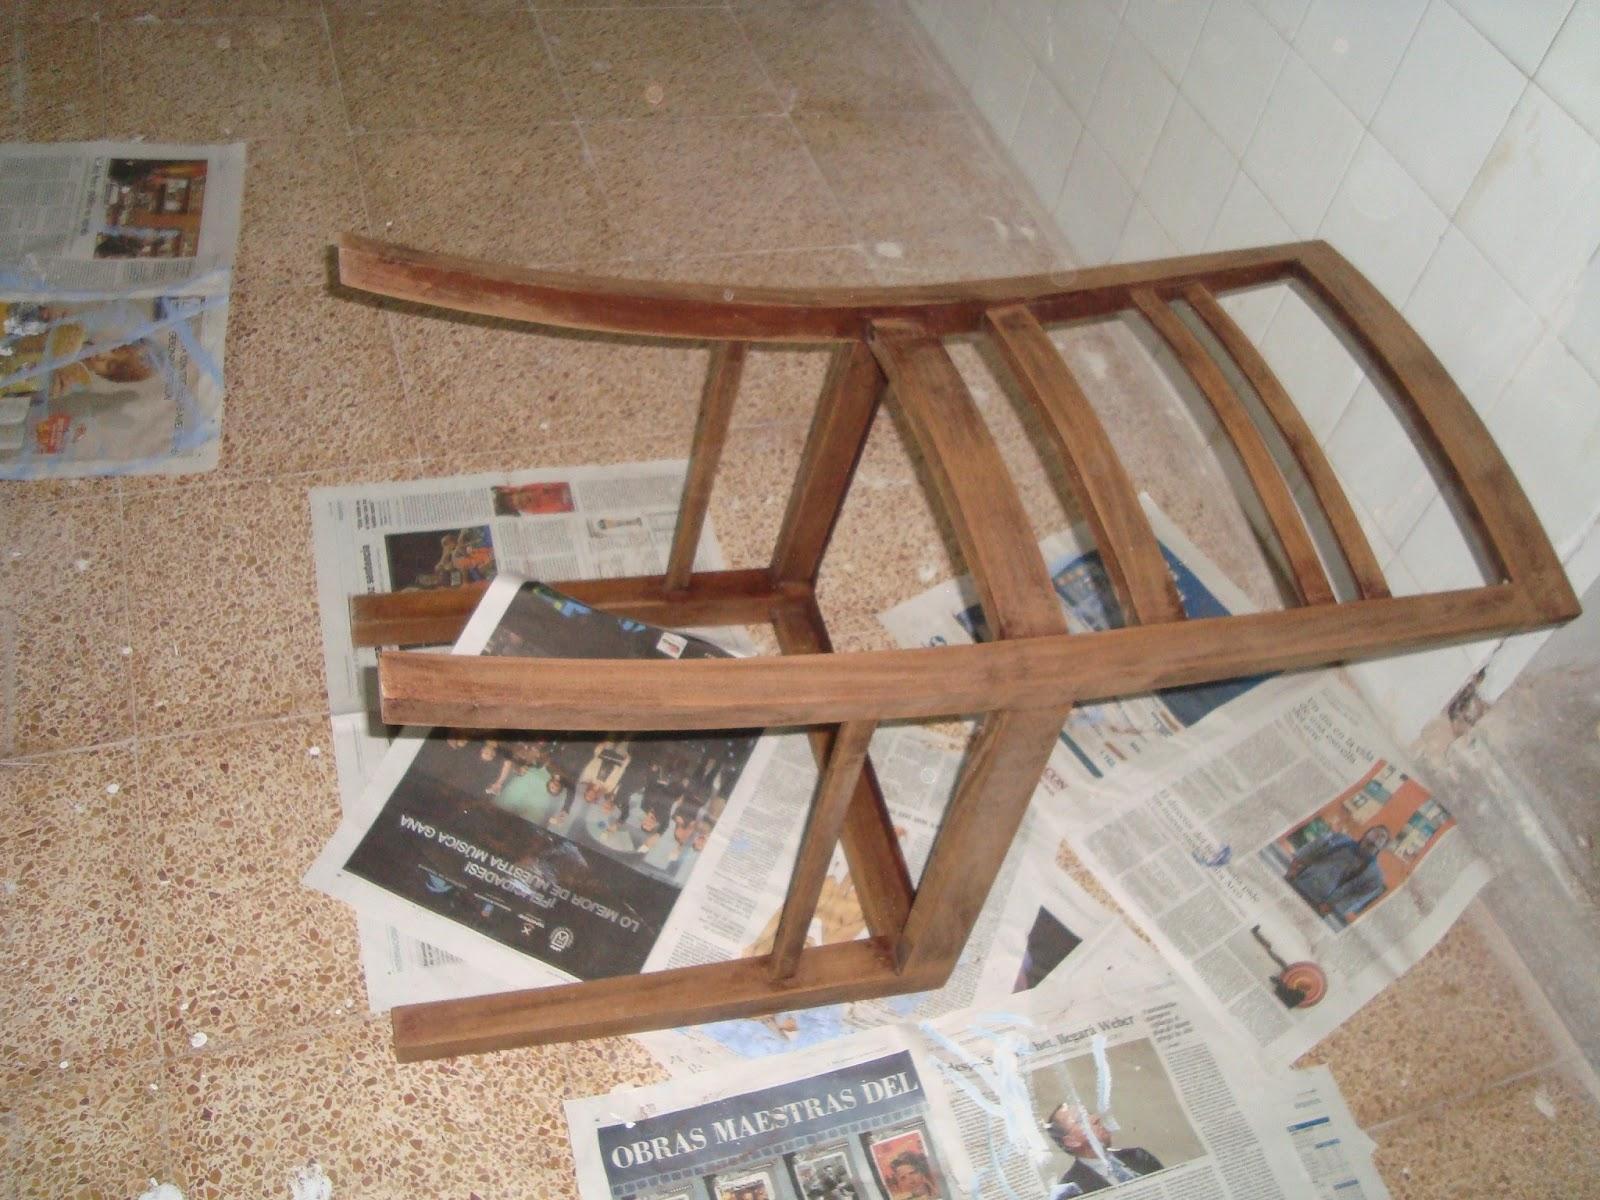 Como lijar una silla de madera como lijar una silla de madera mejor conjunto de frases como - Pintar sillas de madera ...